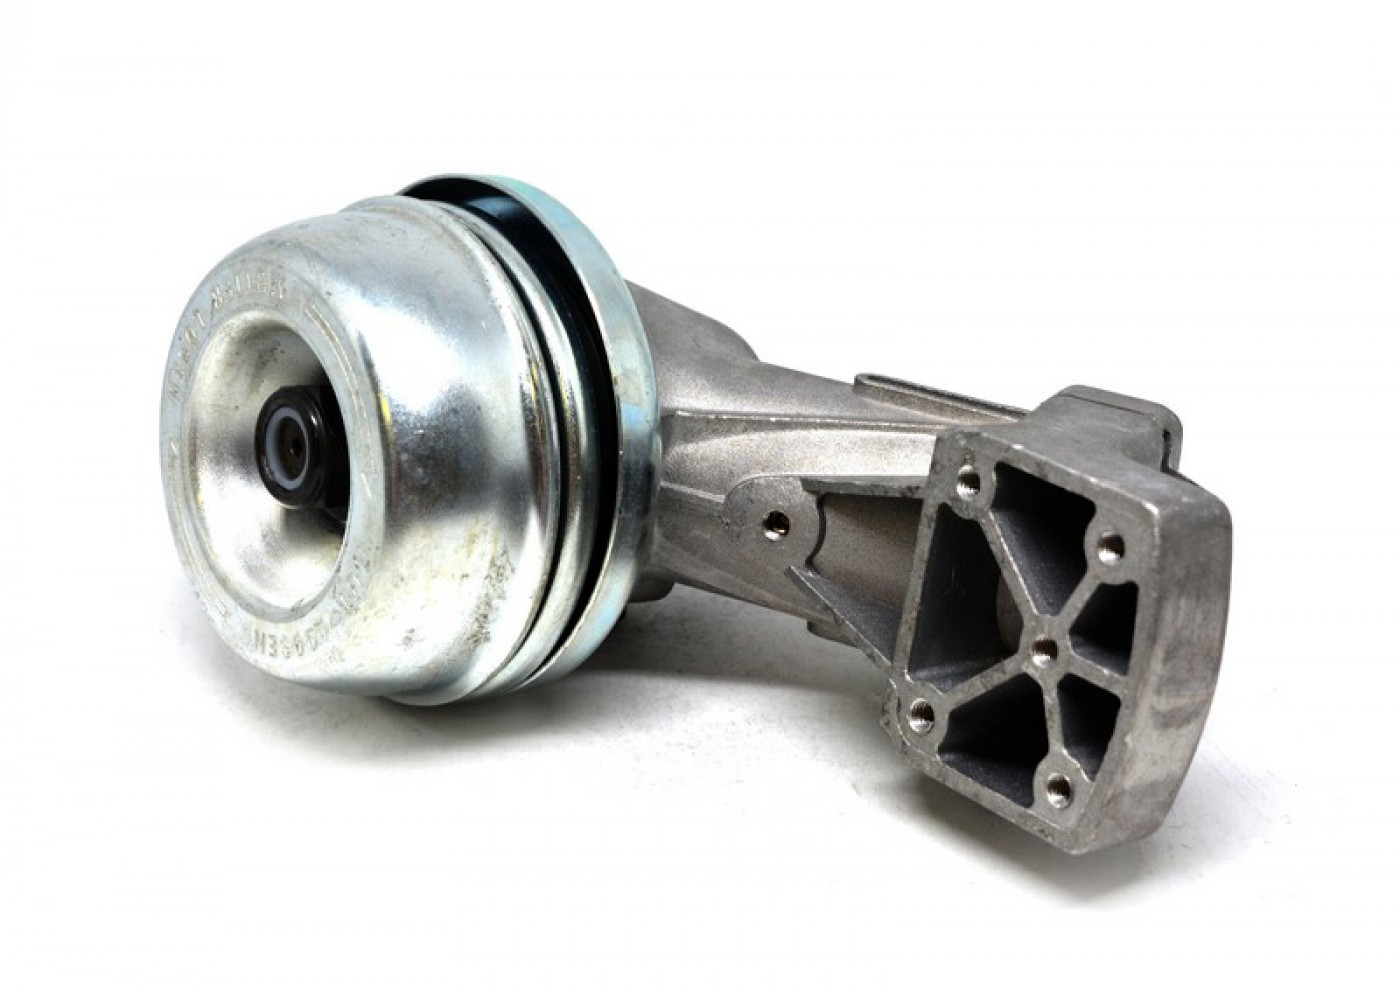 Prevodová hlava Stihl professional modely od FS 160 až FS 480